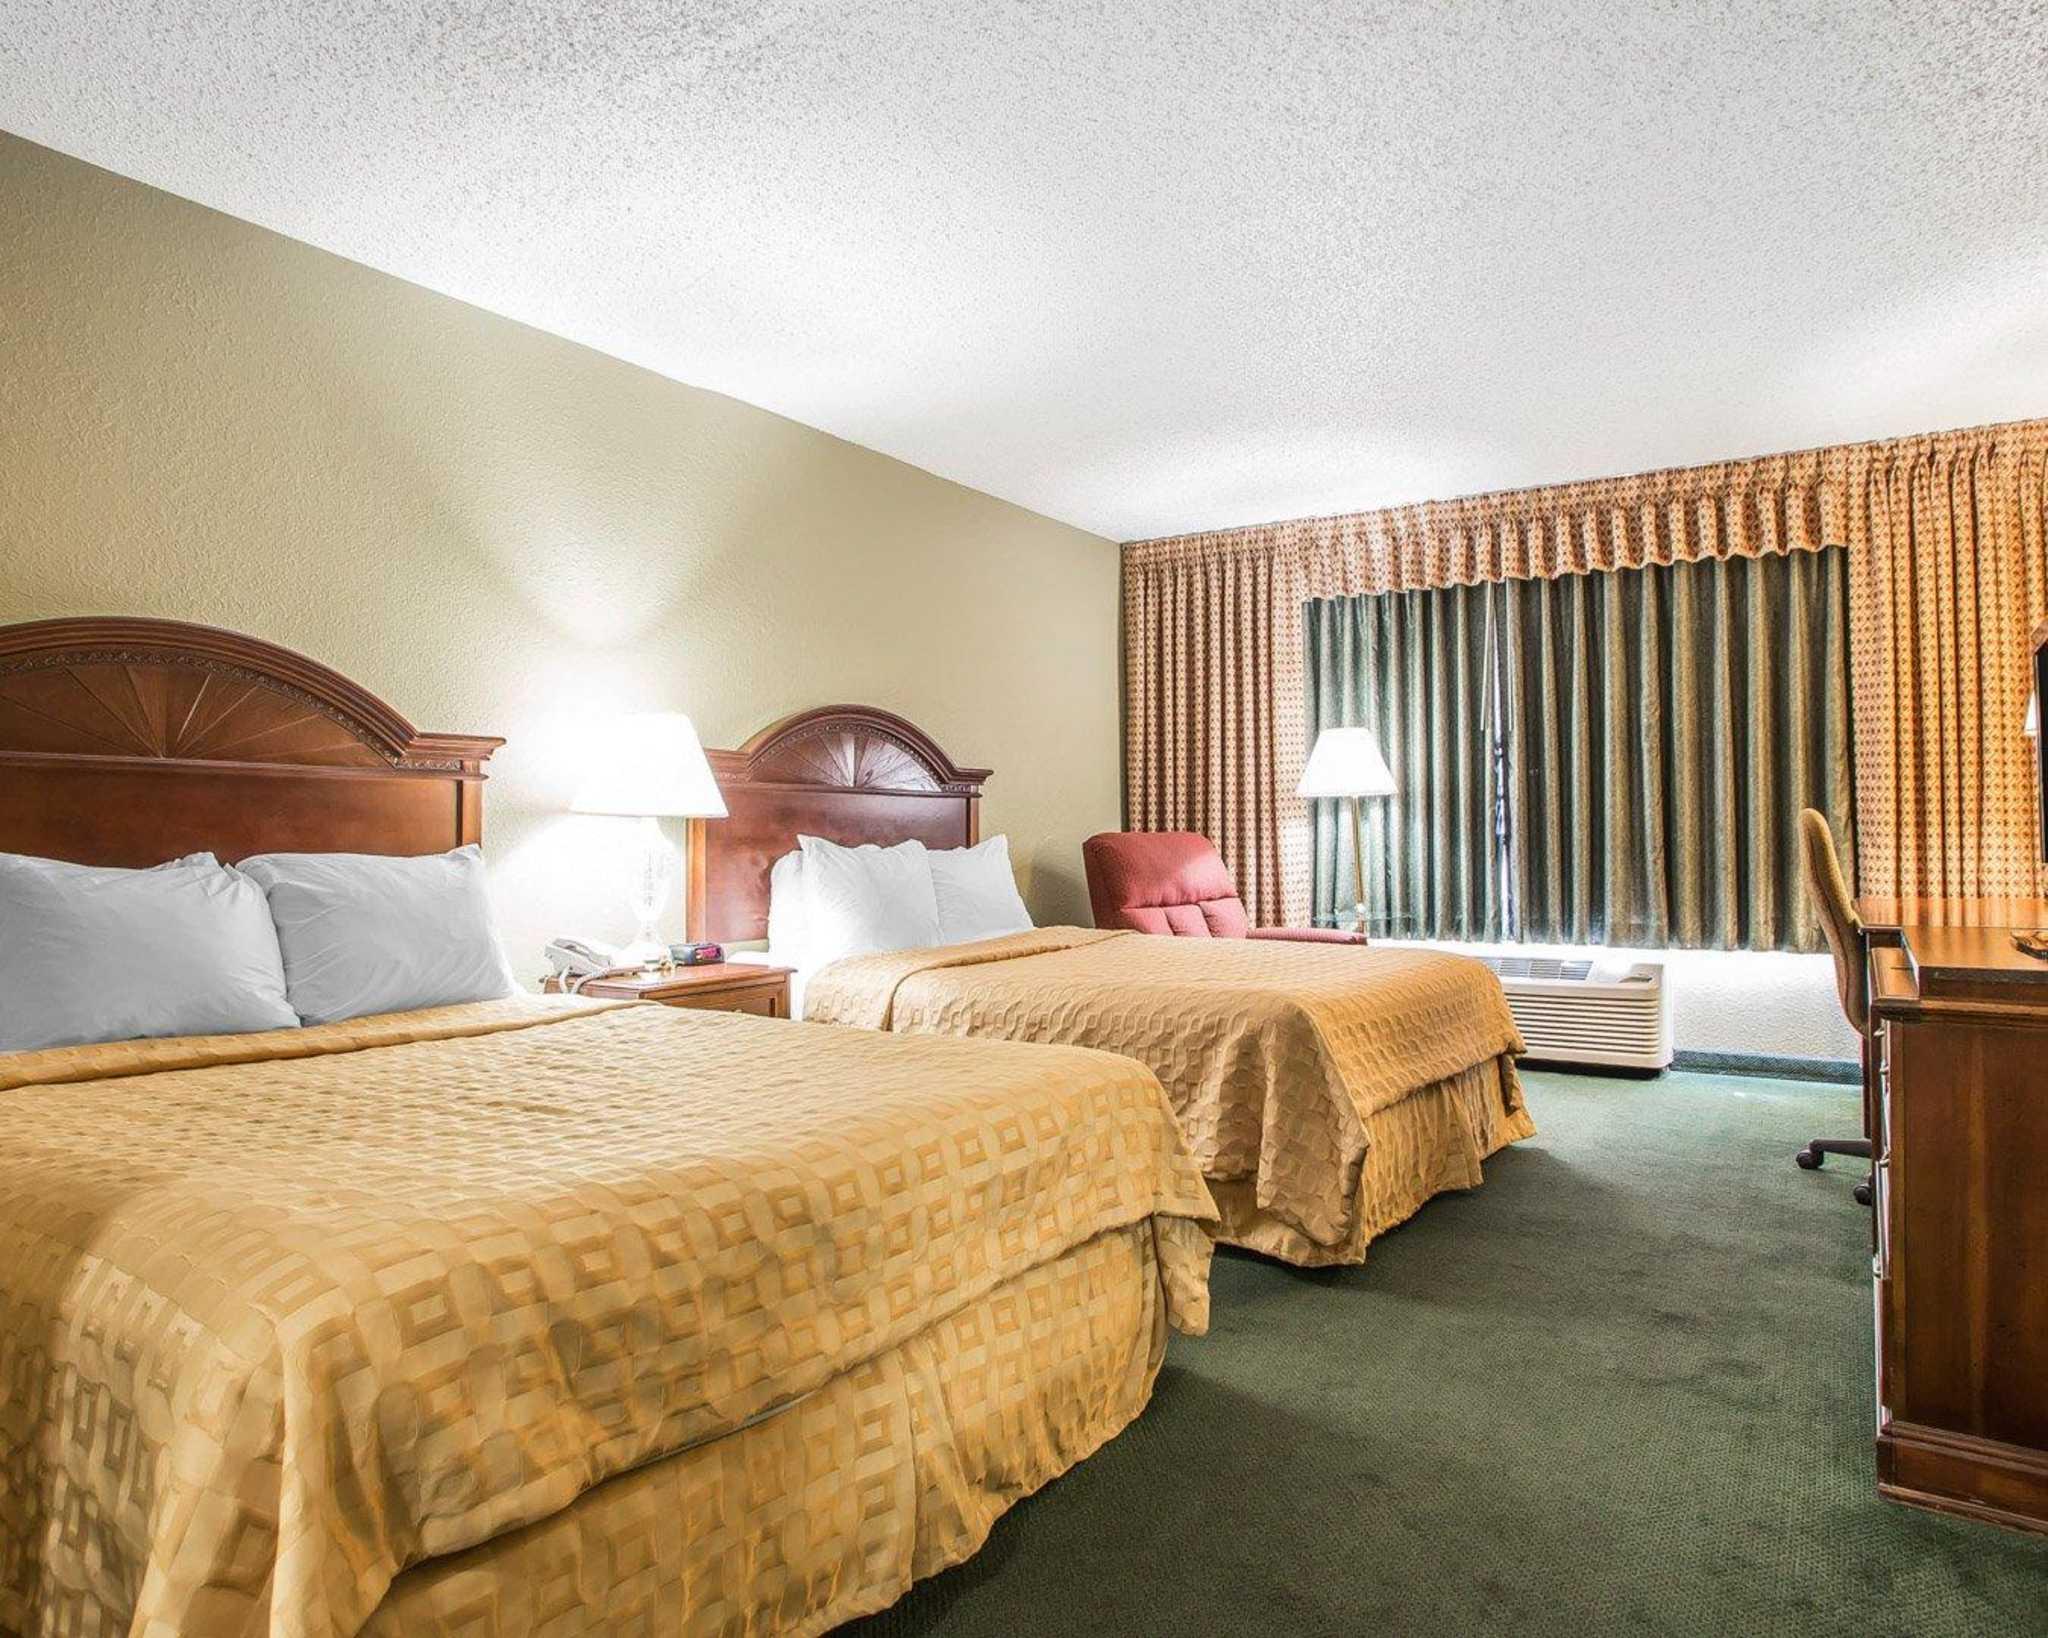 Clarion Hotel Highlander Conference Center image 3